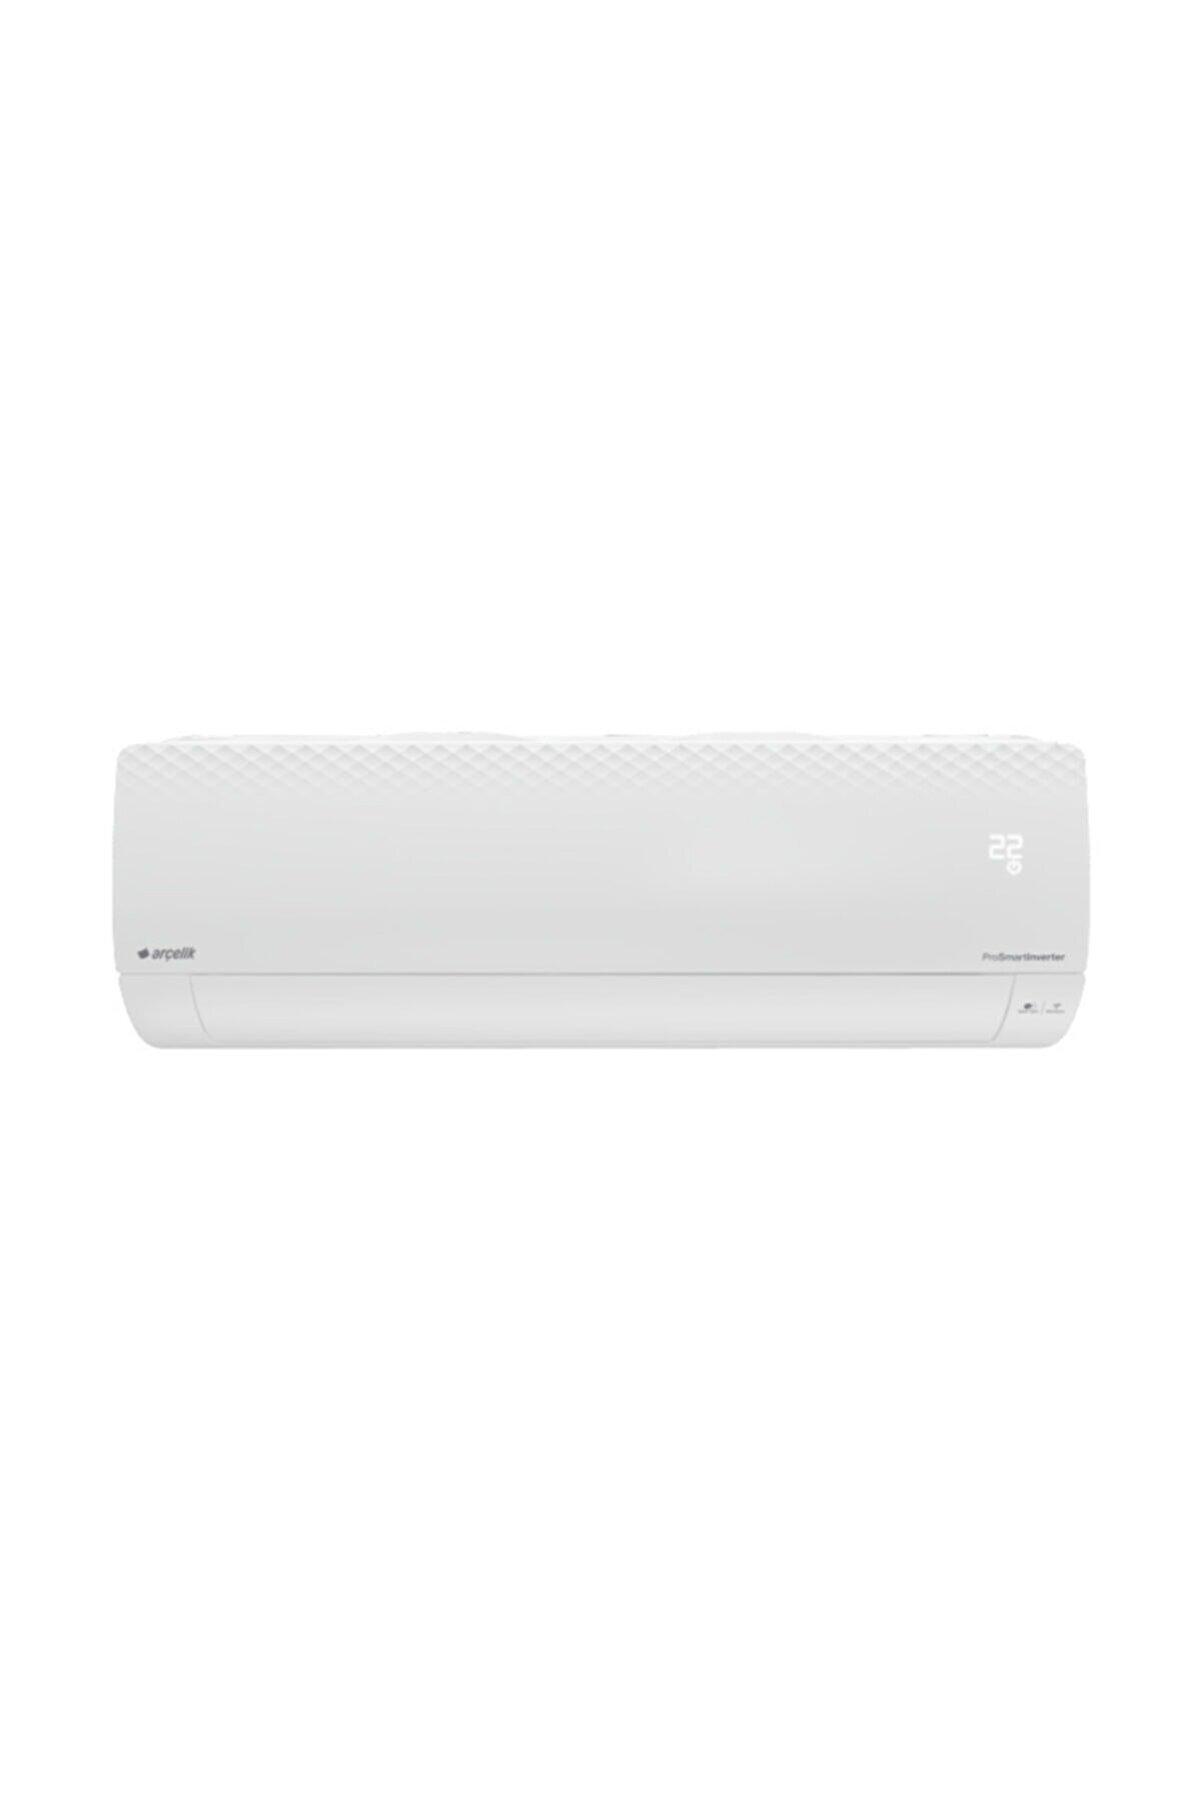 Arçelik 24340 Prosmart Inverter A++ Sınıfı Wifi Beyaz 24000 Btu/h Split Klima